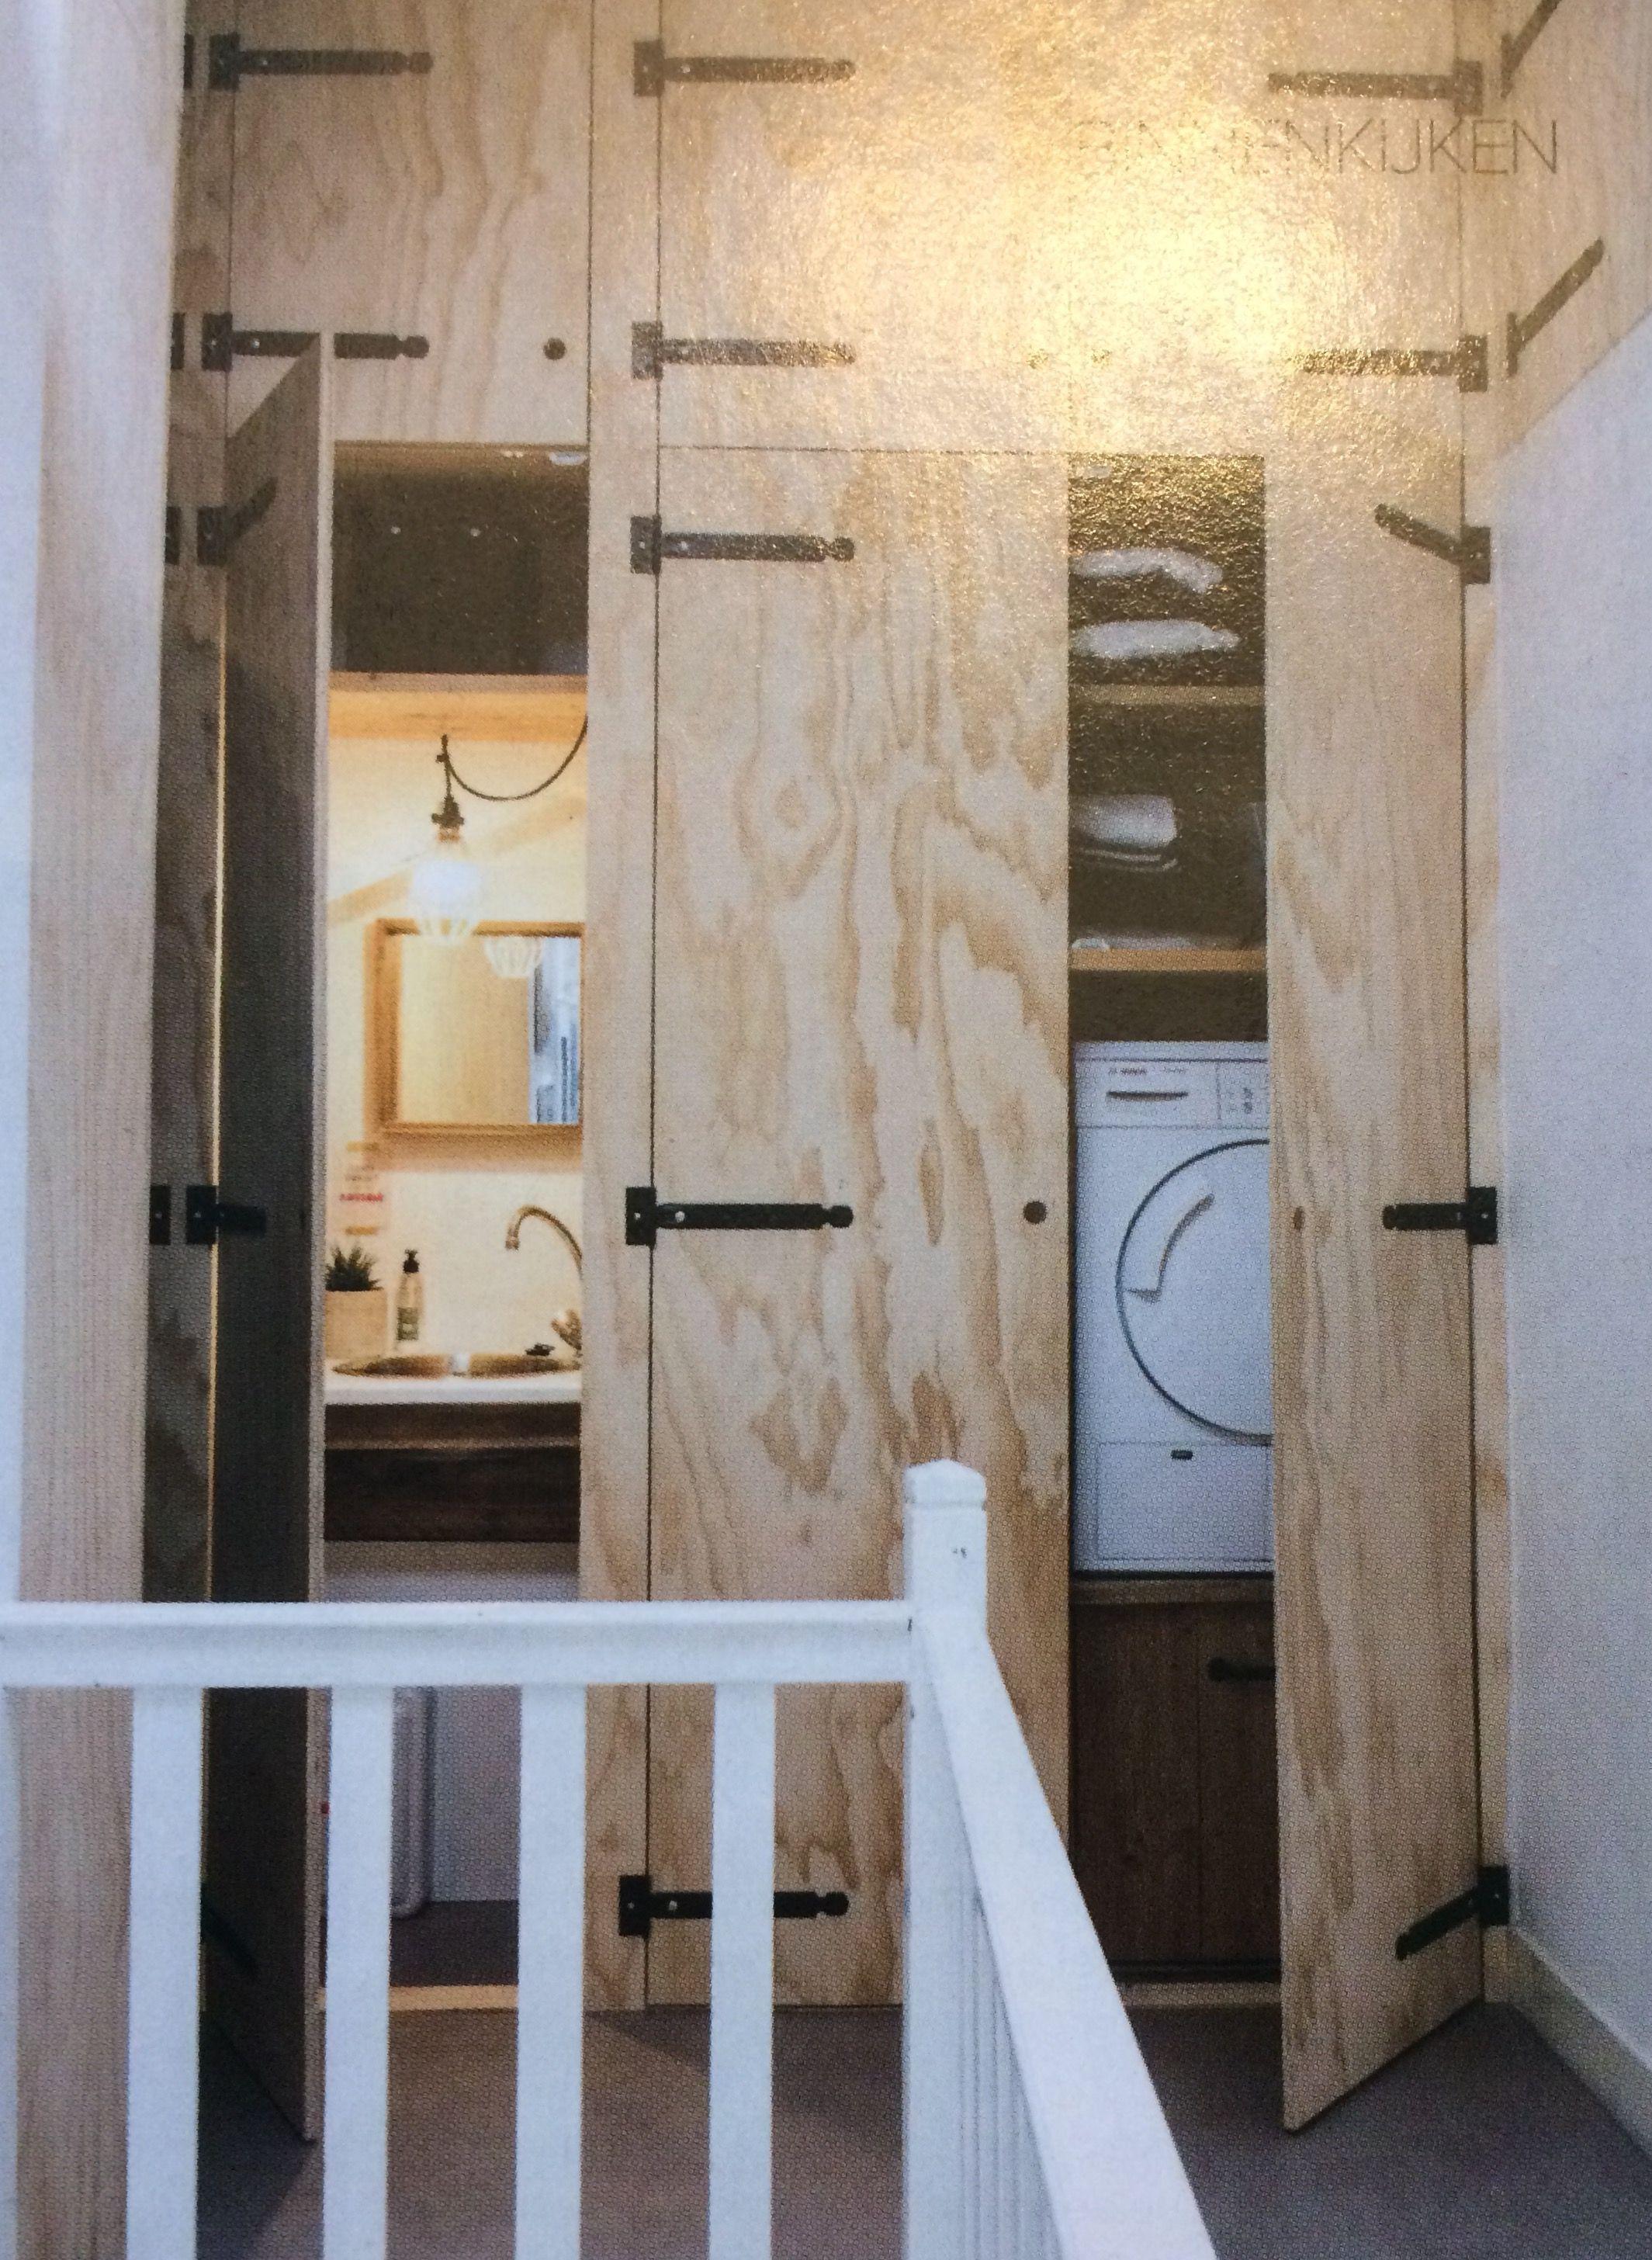 Wasmachine in kast, inbouw Wasruimte | Huis * Badkamer | Pinterest